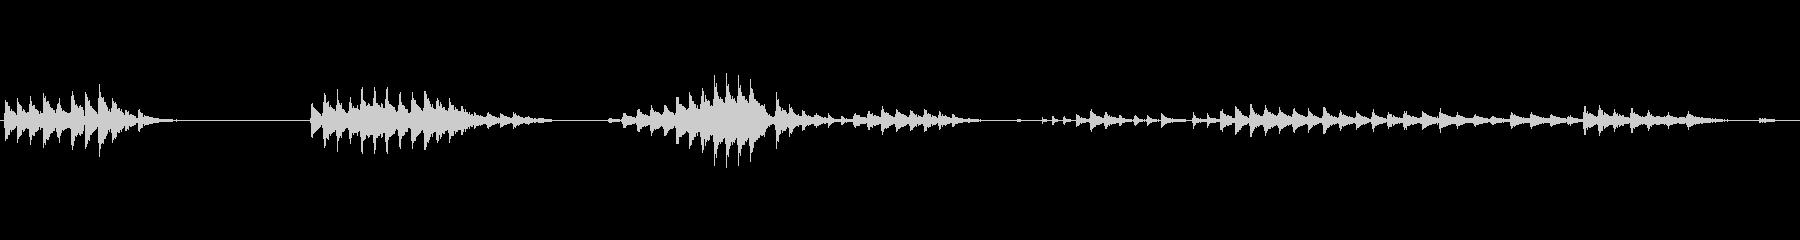 げっぷ長い男性の噴出の未再生の波形